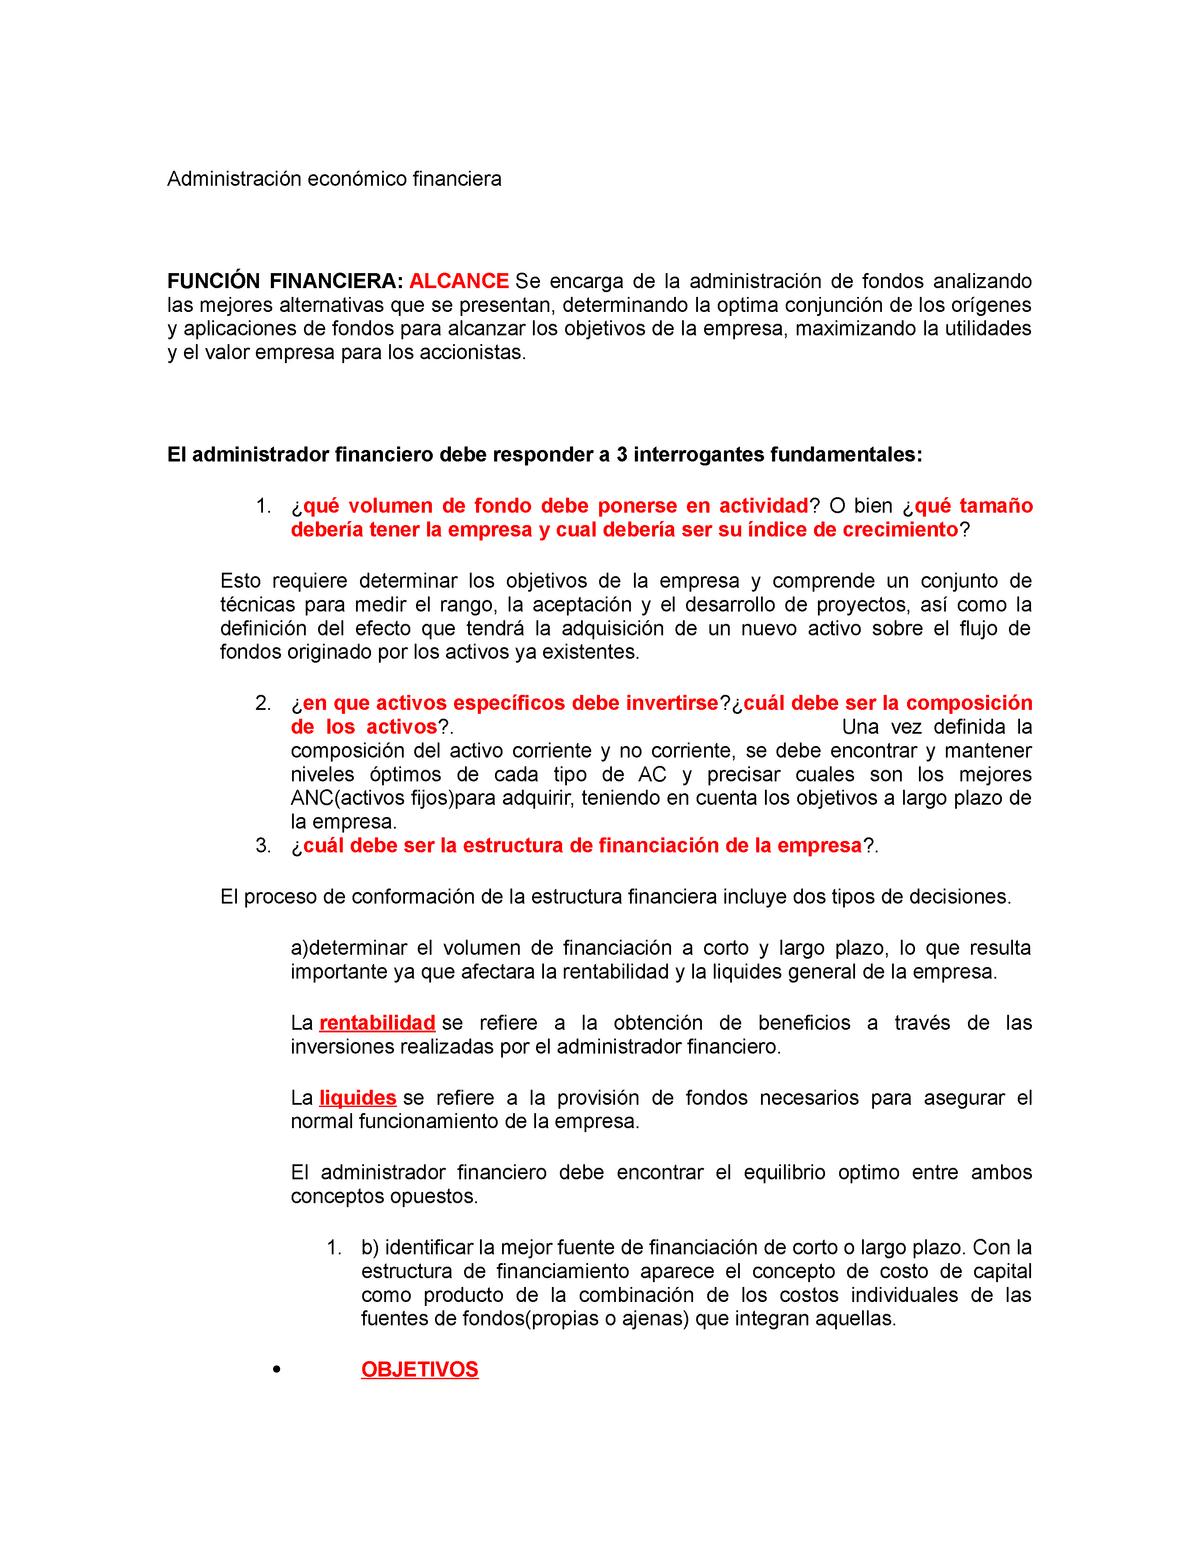 Administración Económico Financiera 20058 Unlu Studocu